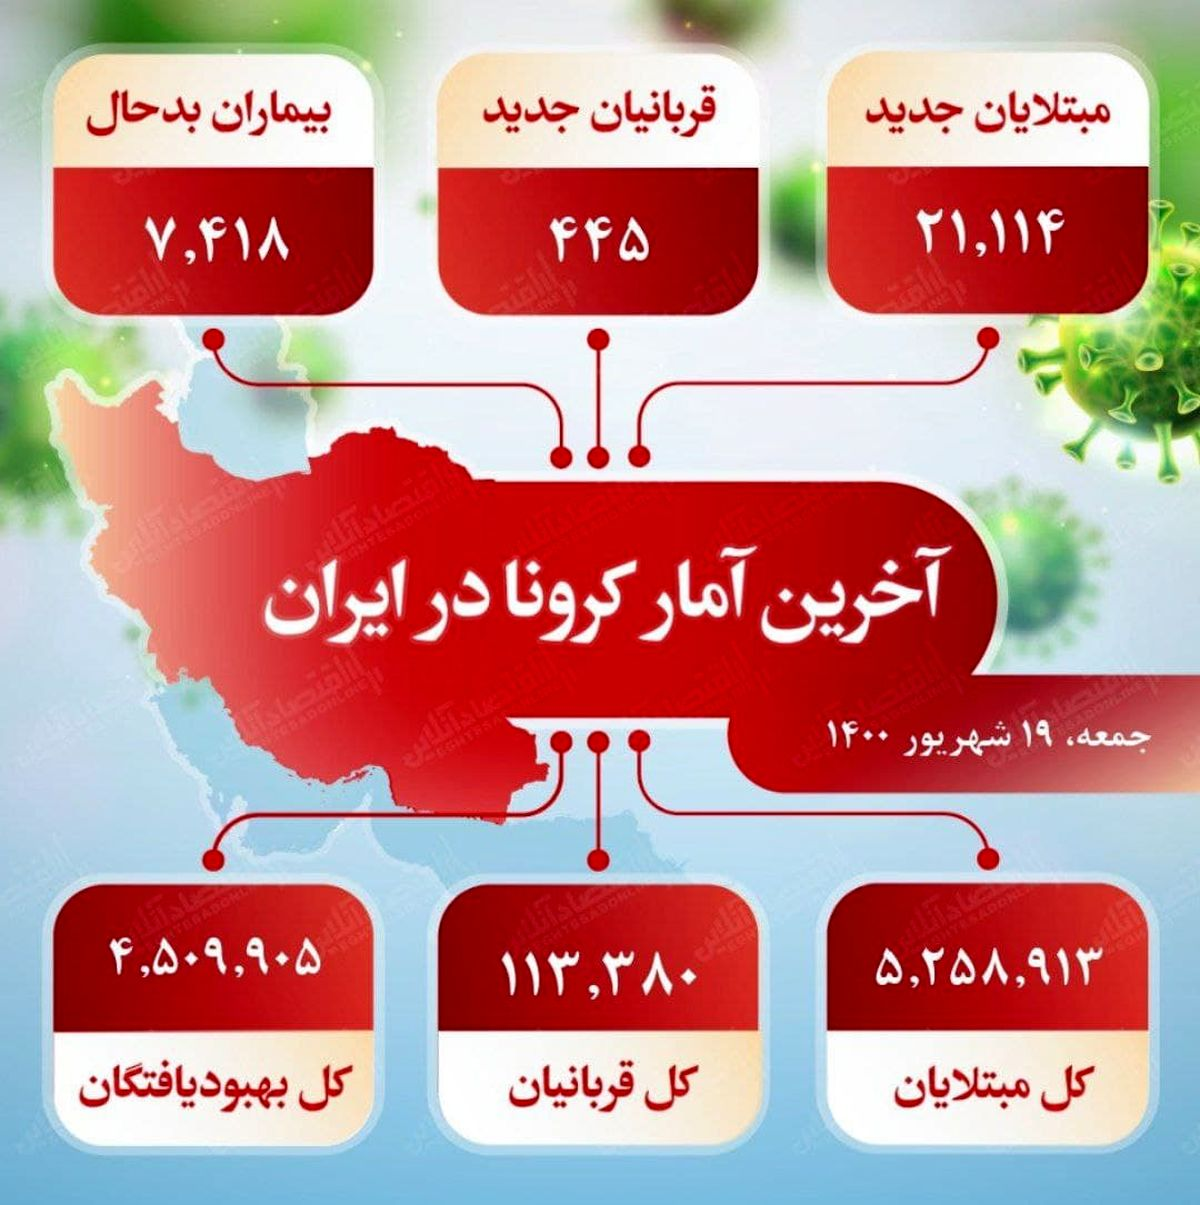 آخرین آمار کرونا در ایران (۱۴۰۰/۶/۱۹)